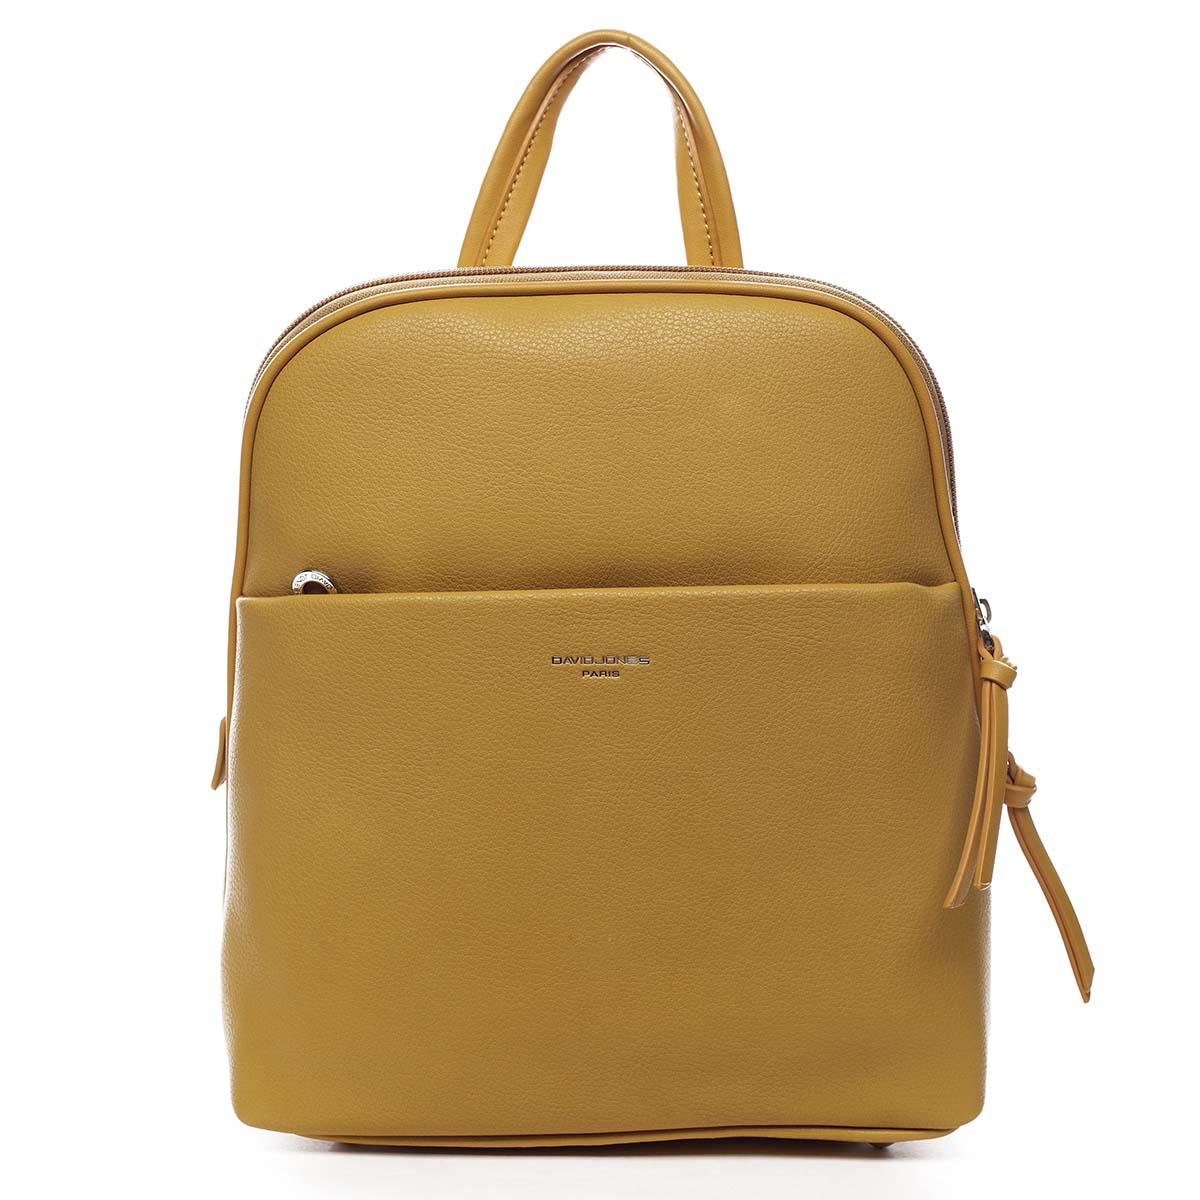 Dámský městský batoh žlutý - David Jones Eliah žlutá